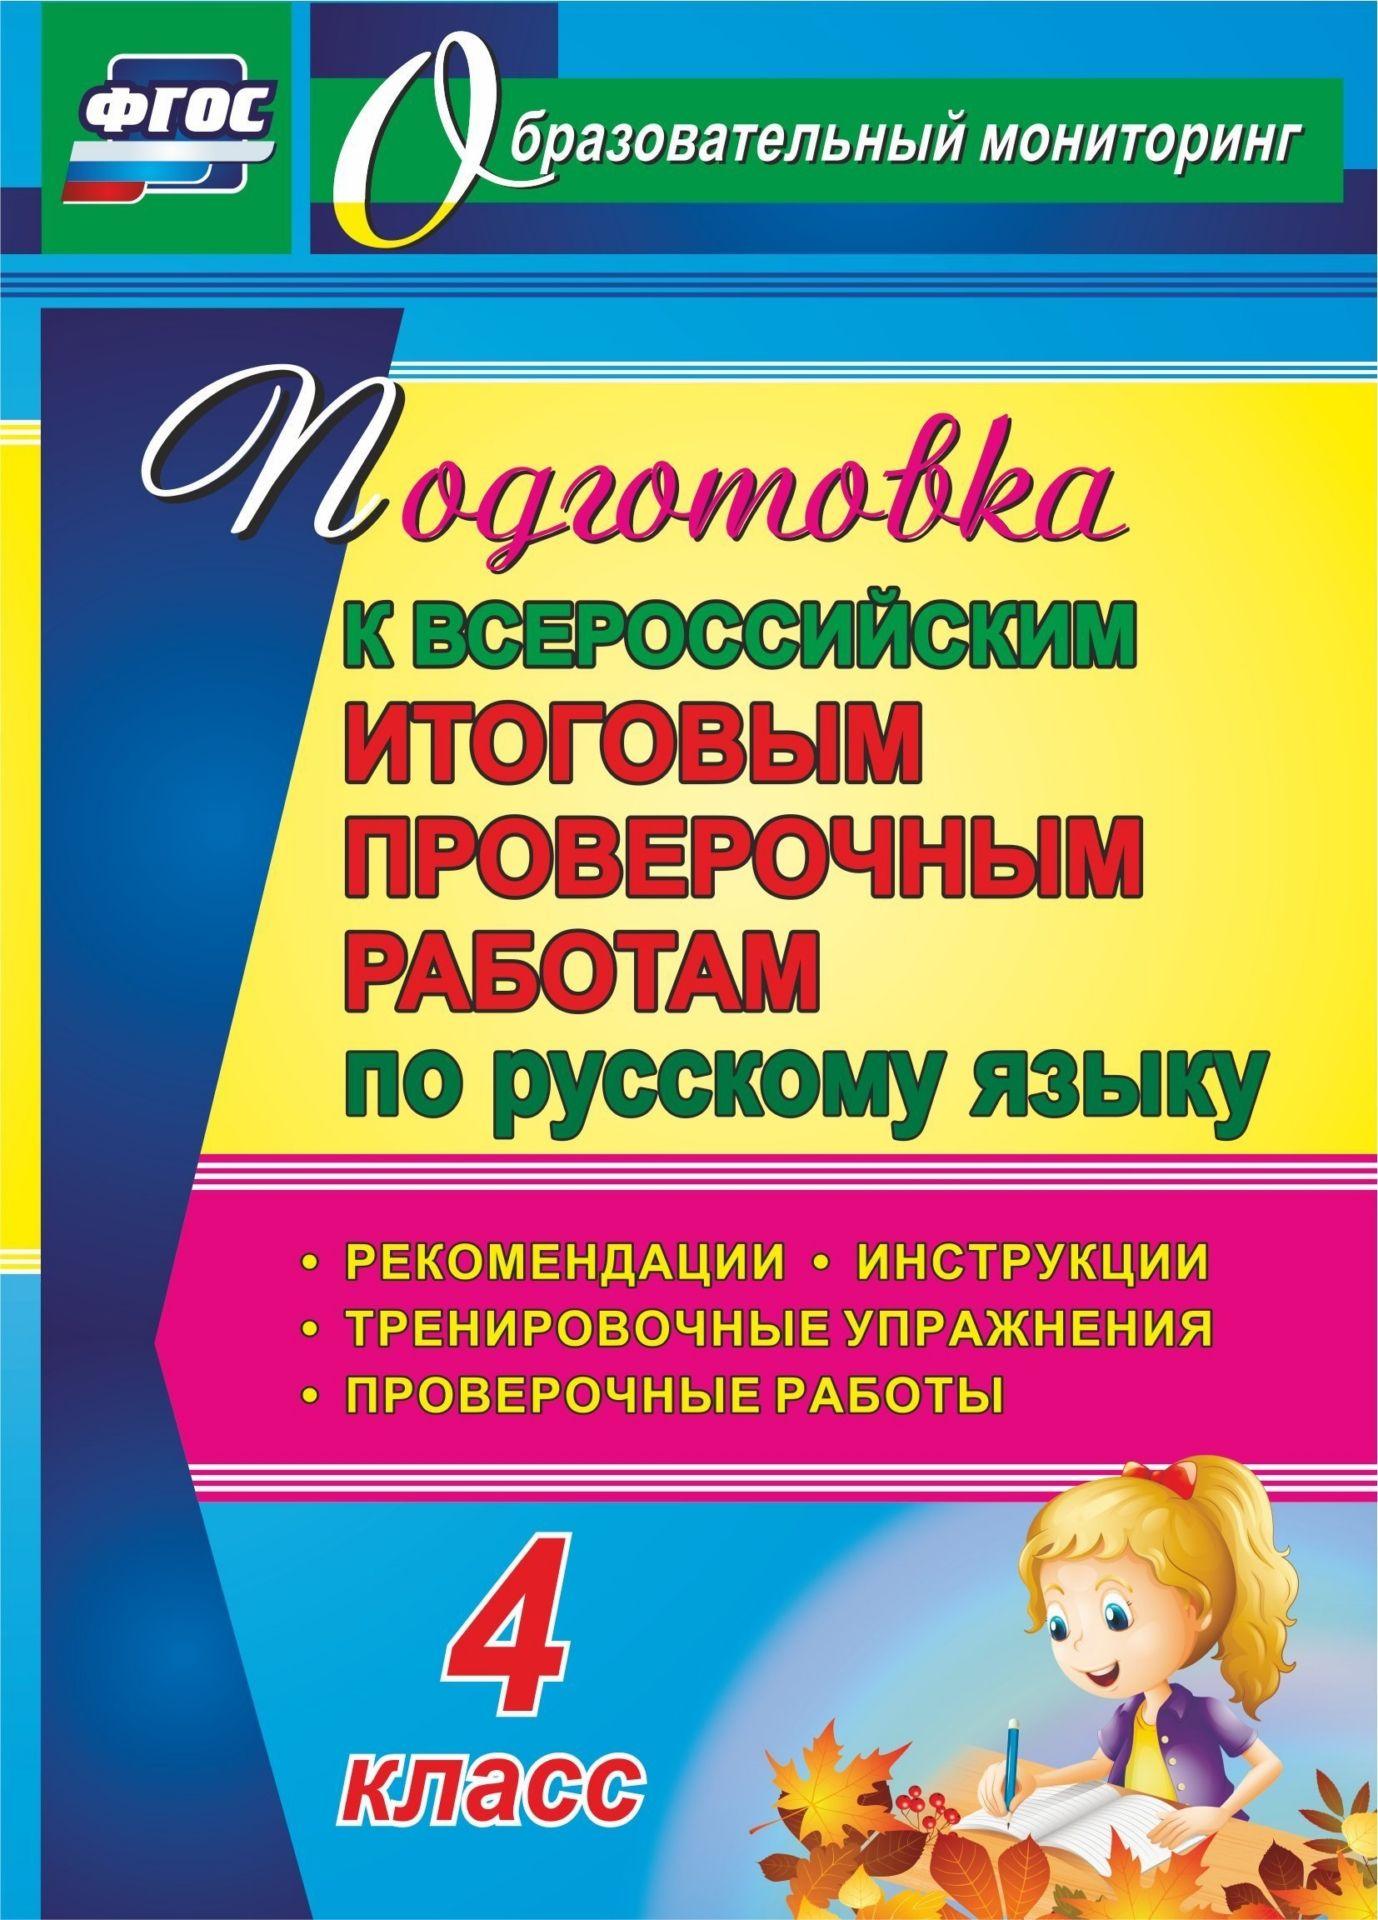 Подготовка к Всероссийским итоговым проверочным работам по русскому языку. 4 класс: рекомендации, проверочные работы, тренировочные упражнения, инструкции. Программа для установки через Интернет